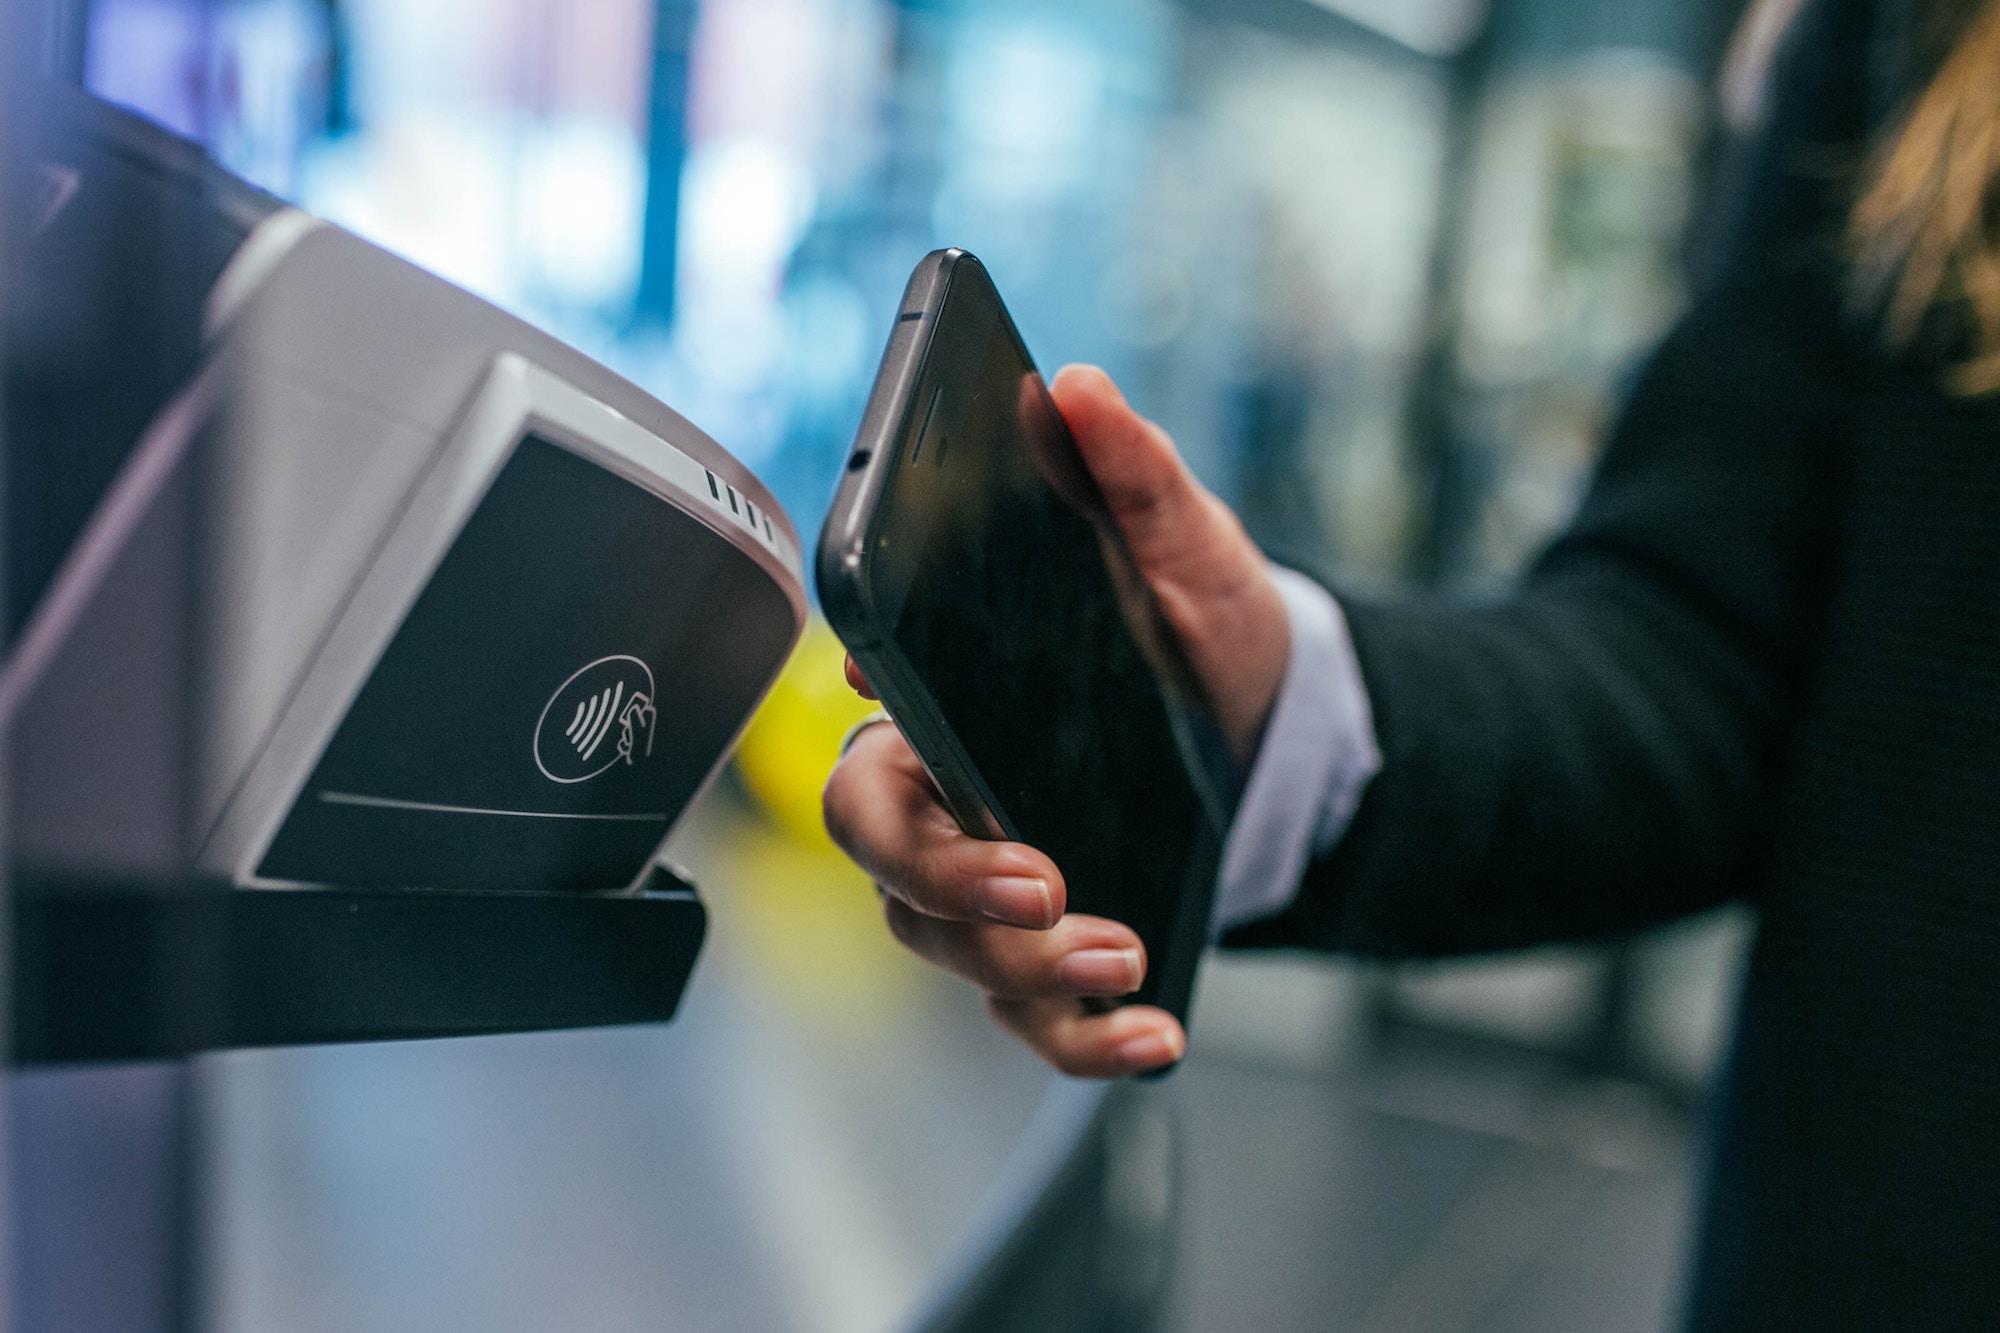 Сергій Францішко, MasterCard Ukraine: «Транспорт змінює платіжну поведінку людей»